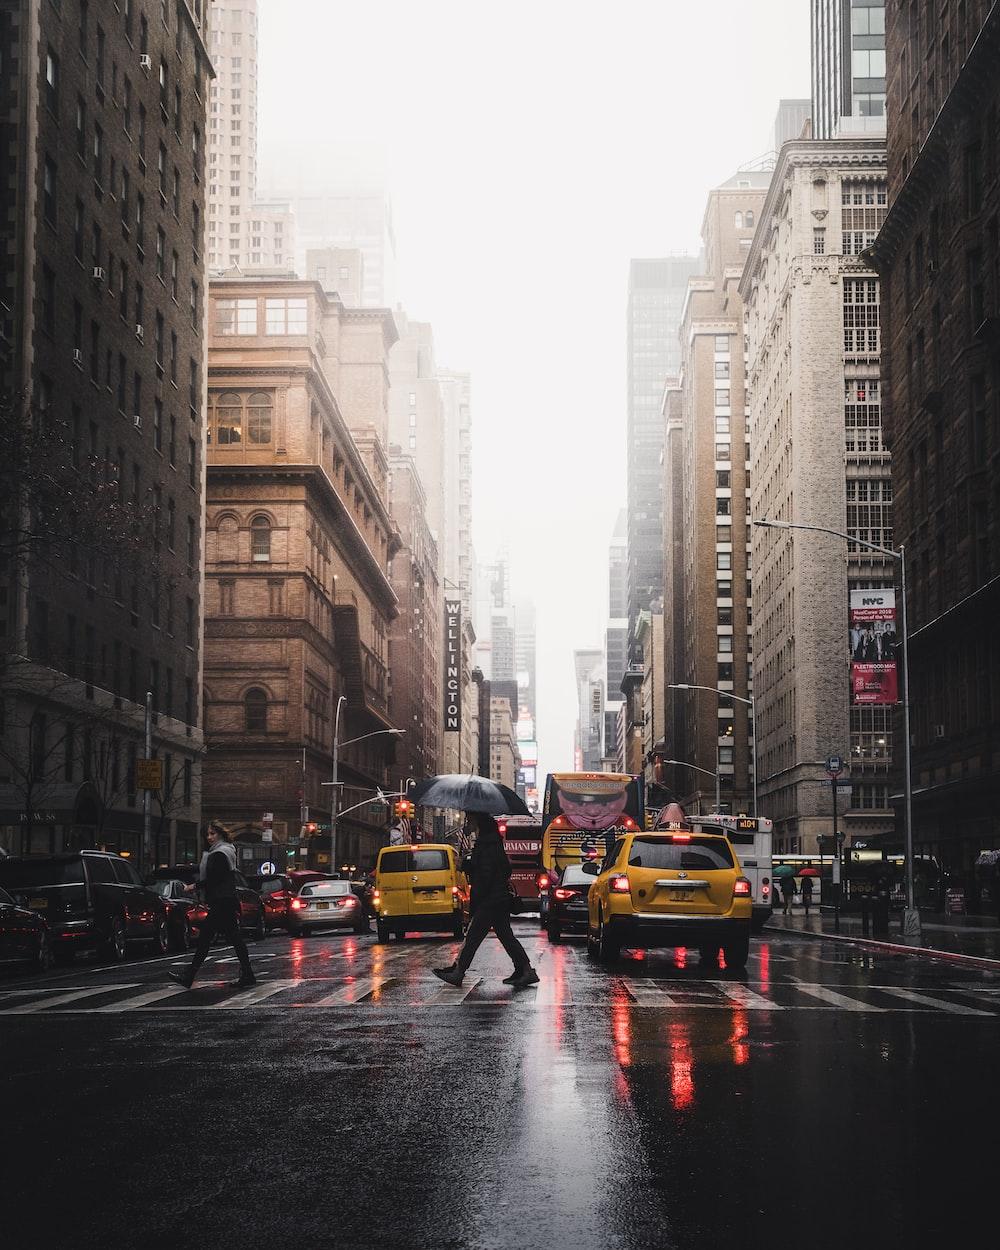 person walking on pedestrian lane between buildings